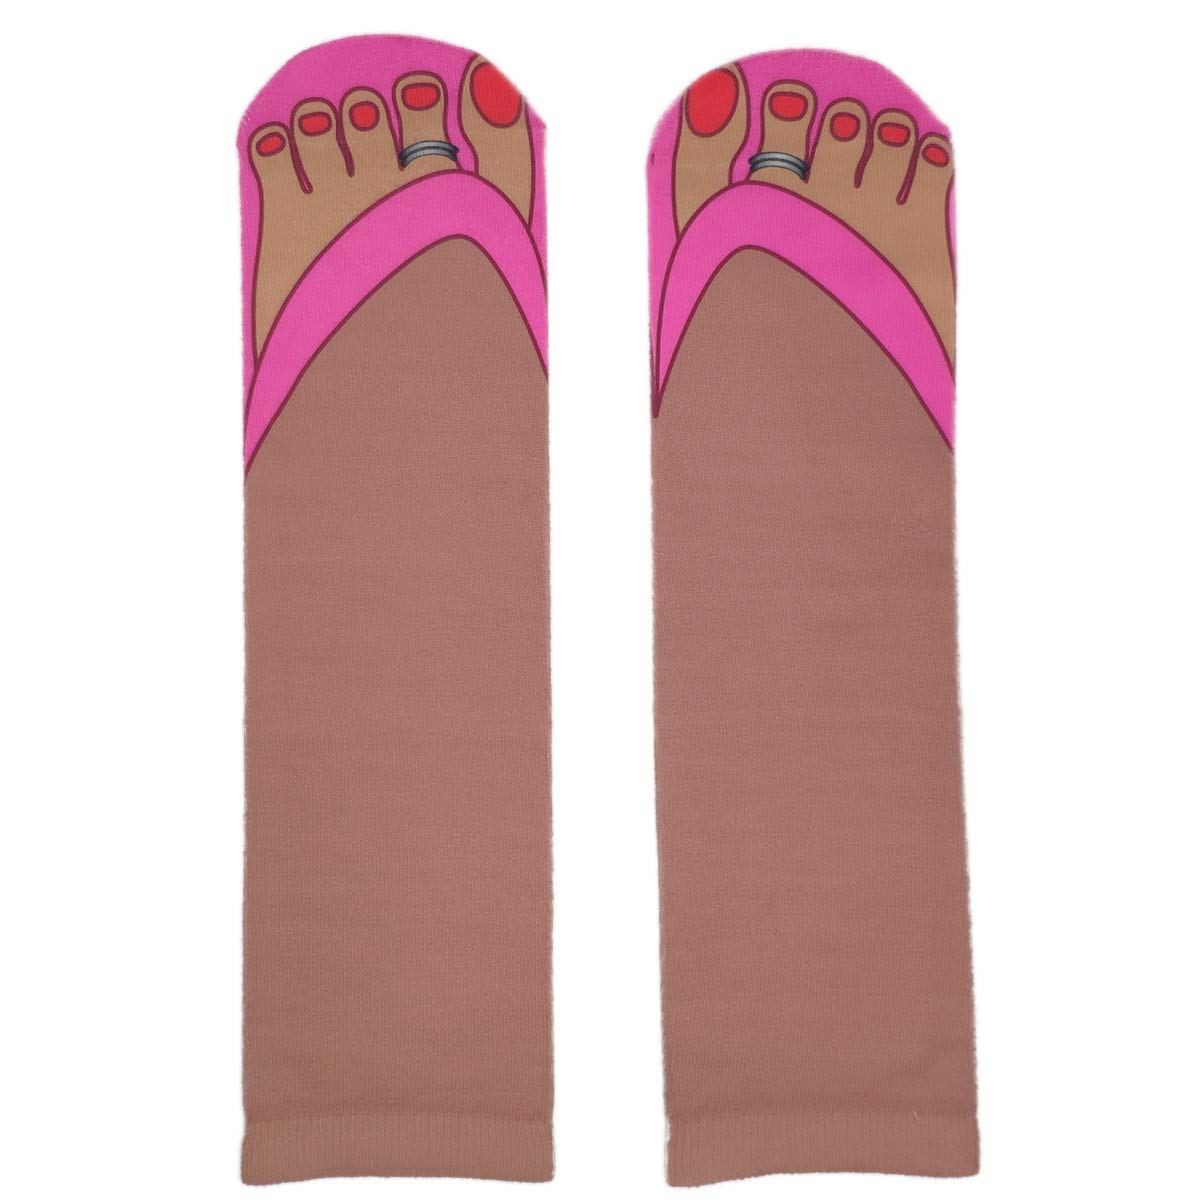 Engmoo Funny Slipper Socks Print 3D Socks Novelty Slipper Socks Crew Socks for Men Women